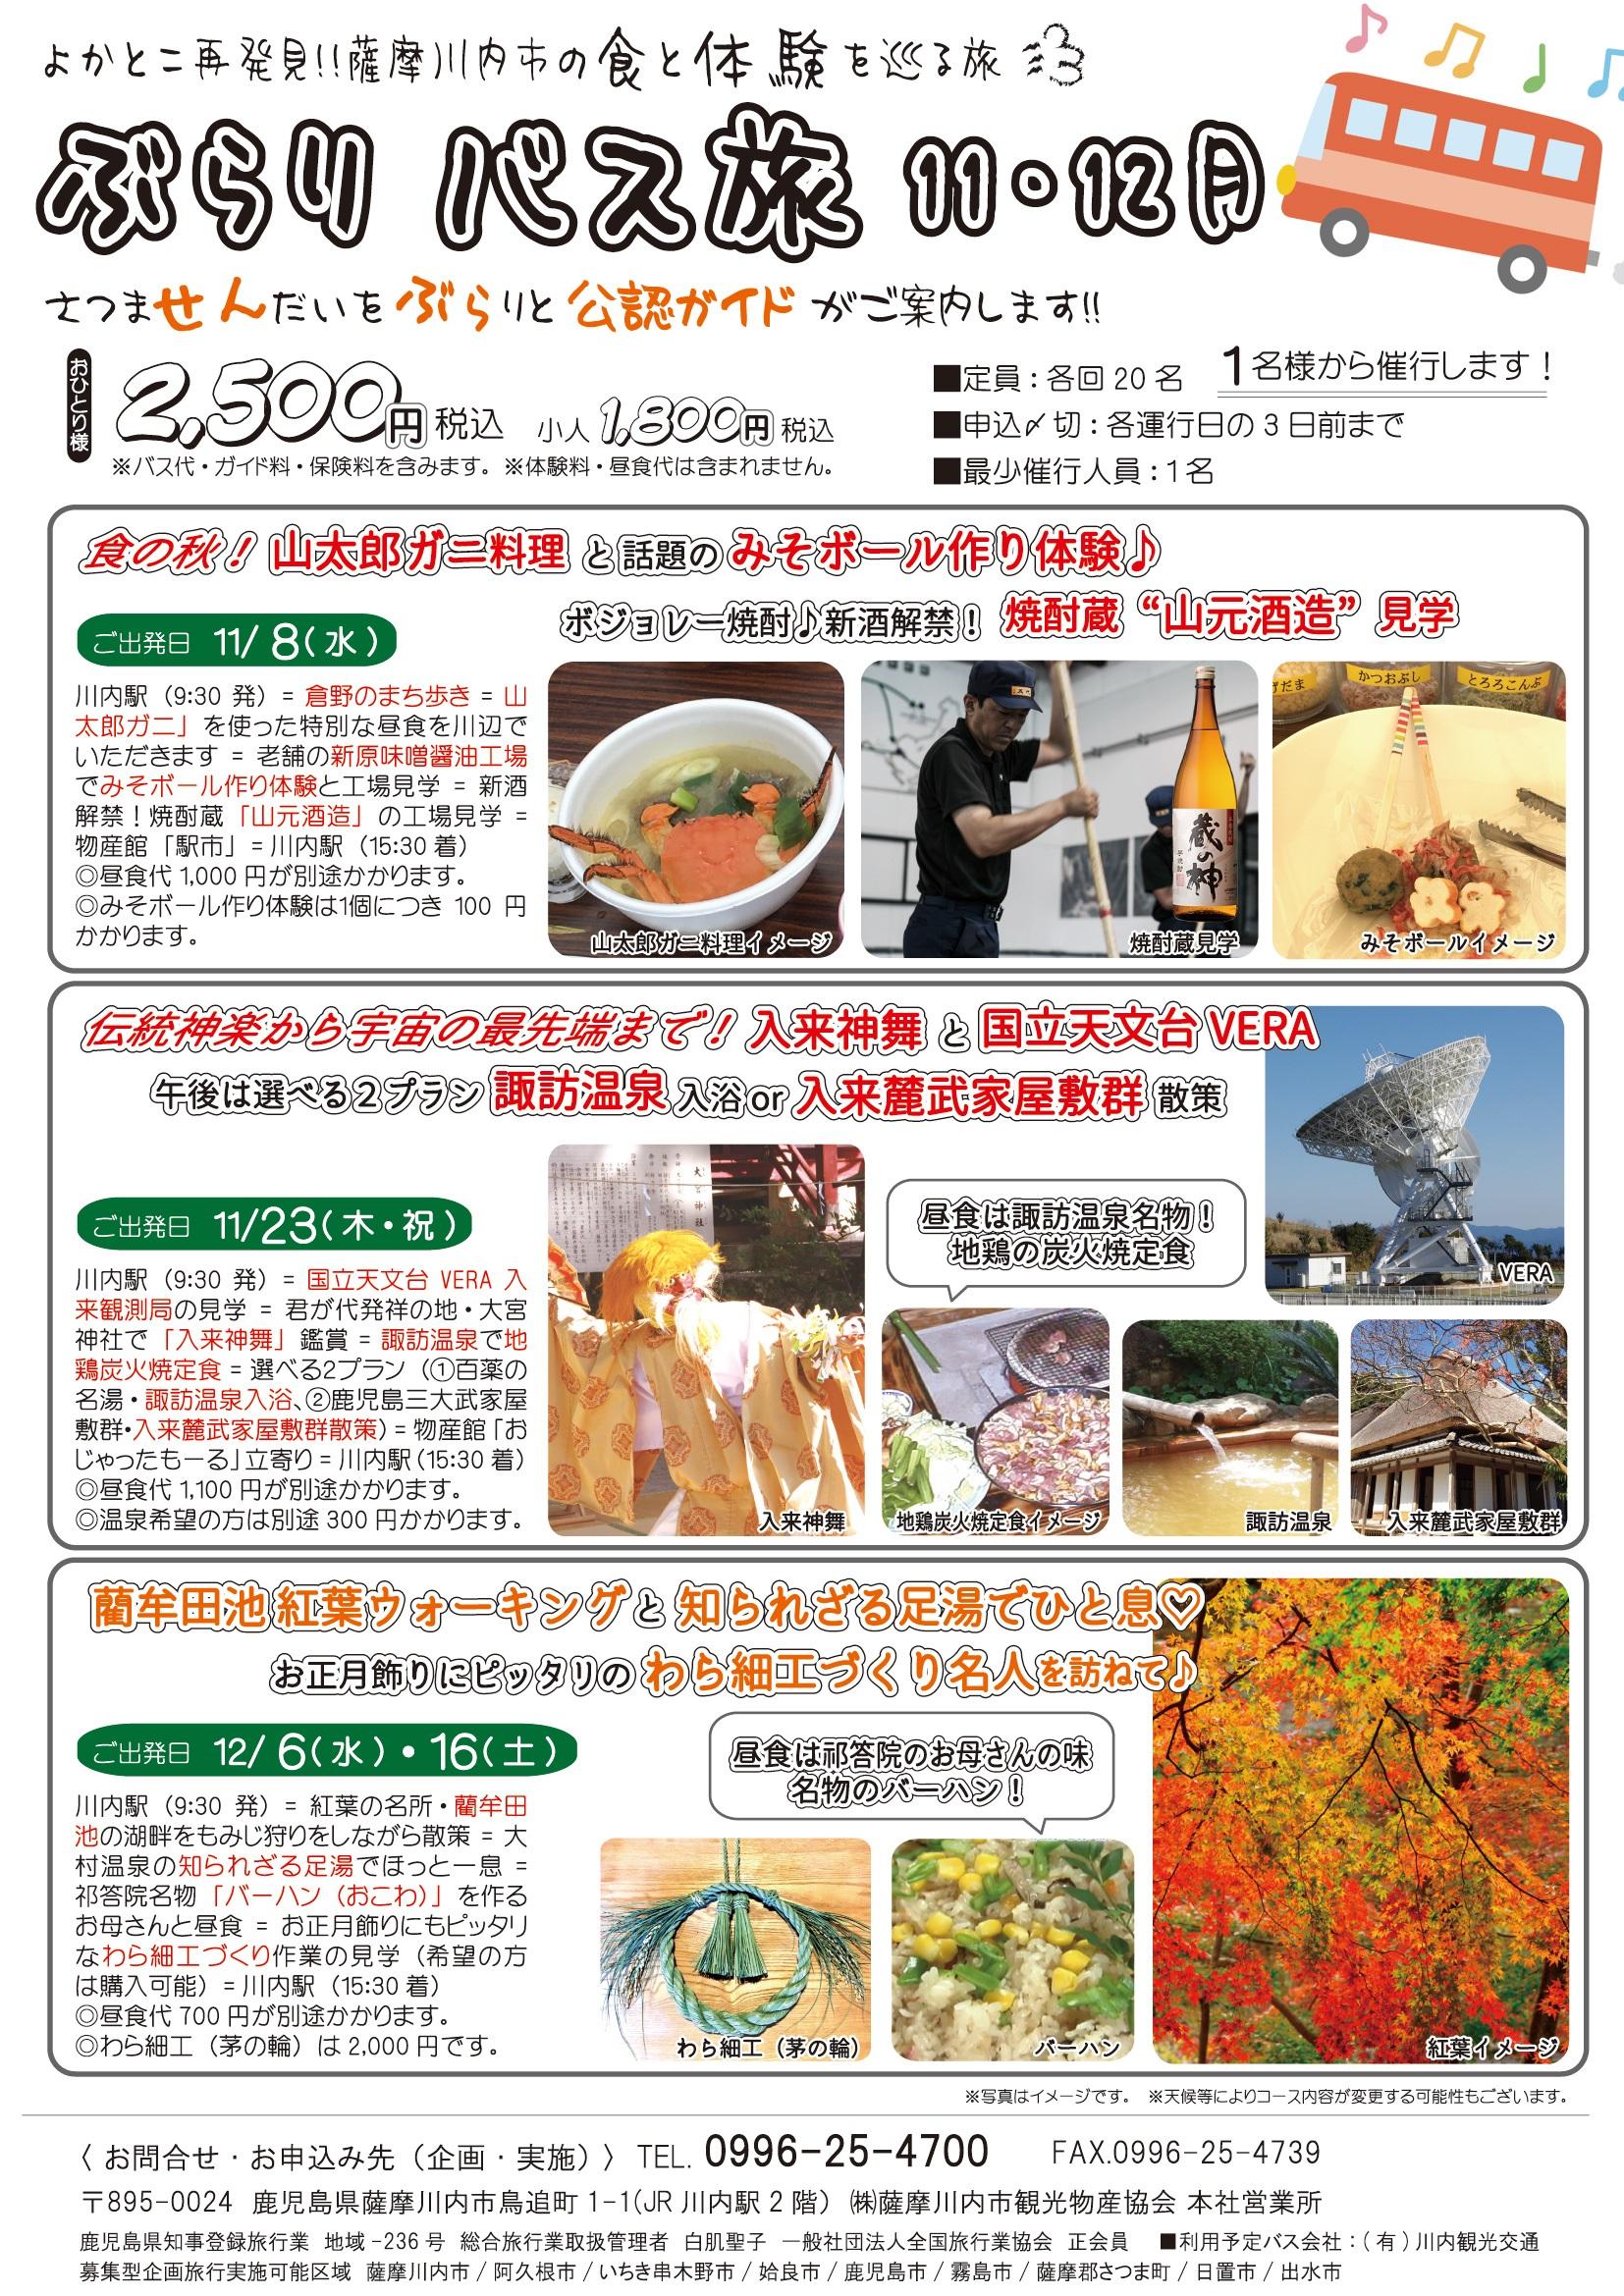 ぶらりバス旅♪ 11/23(木・祝)